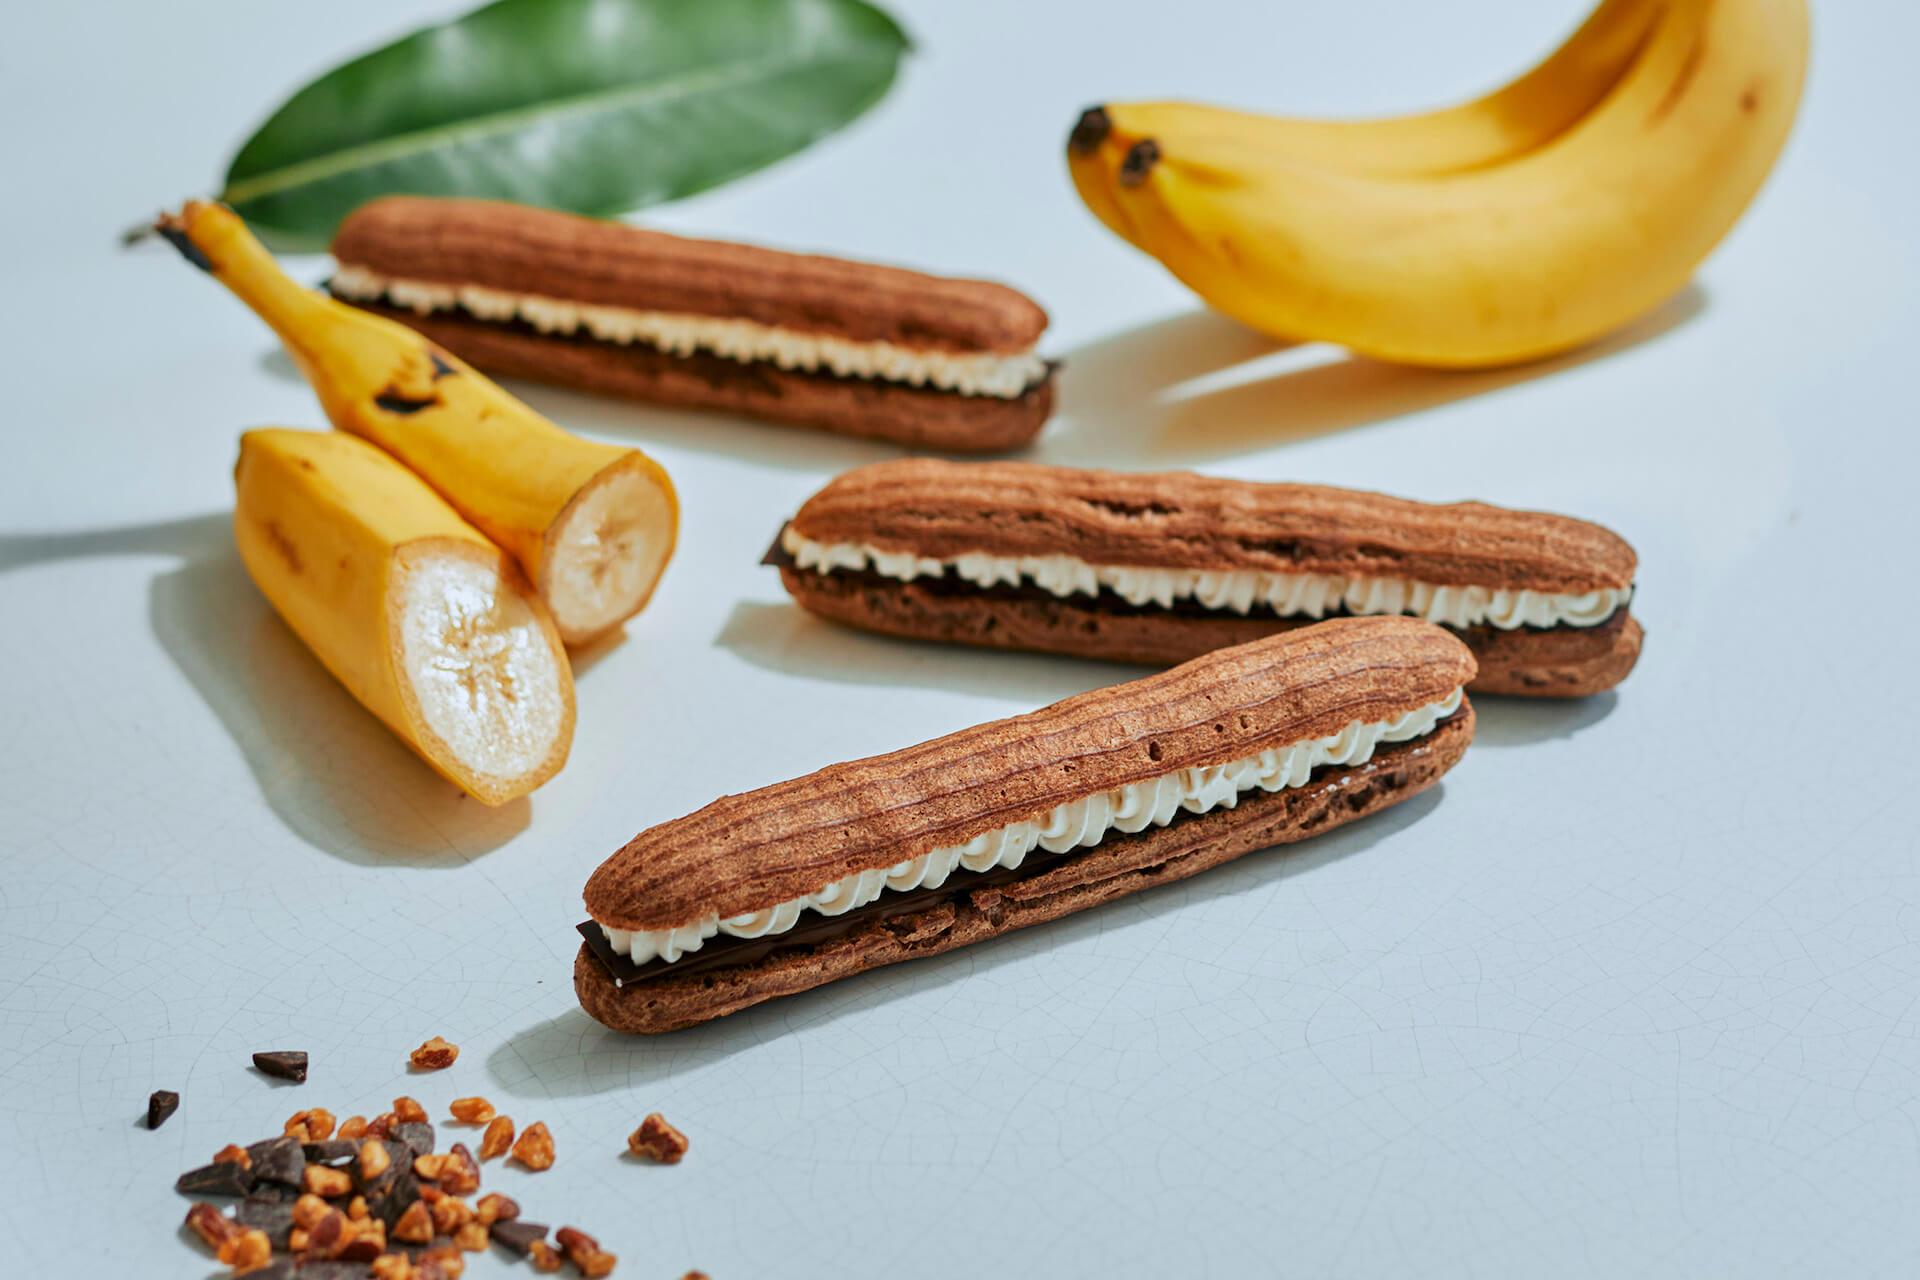 濃厚「生ザッハトルテ」が2日間限定発売&「アロマ生チョコレート チョコバナナ」が復刻販売決定!MAISON CACAOが6周年 gourmet210409_maisoncacao_4